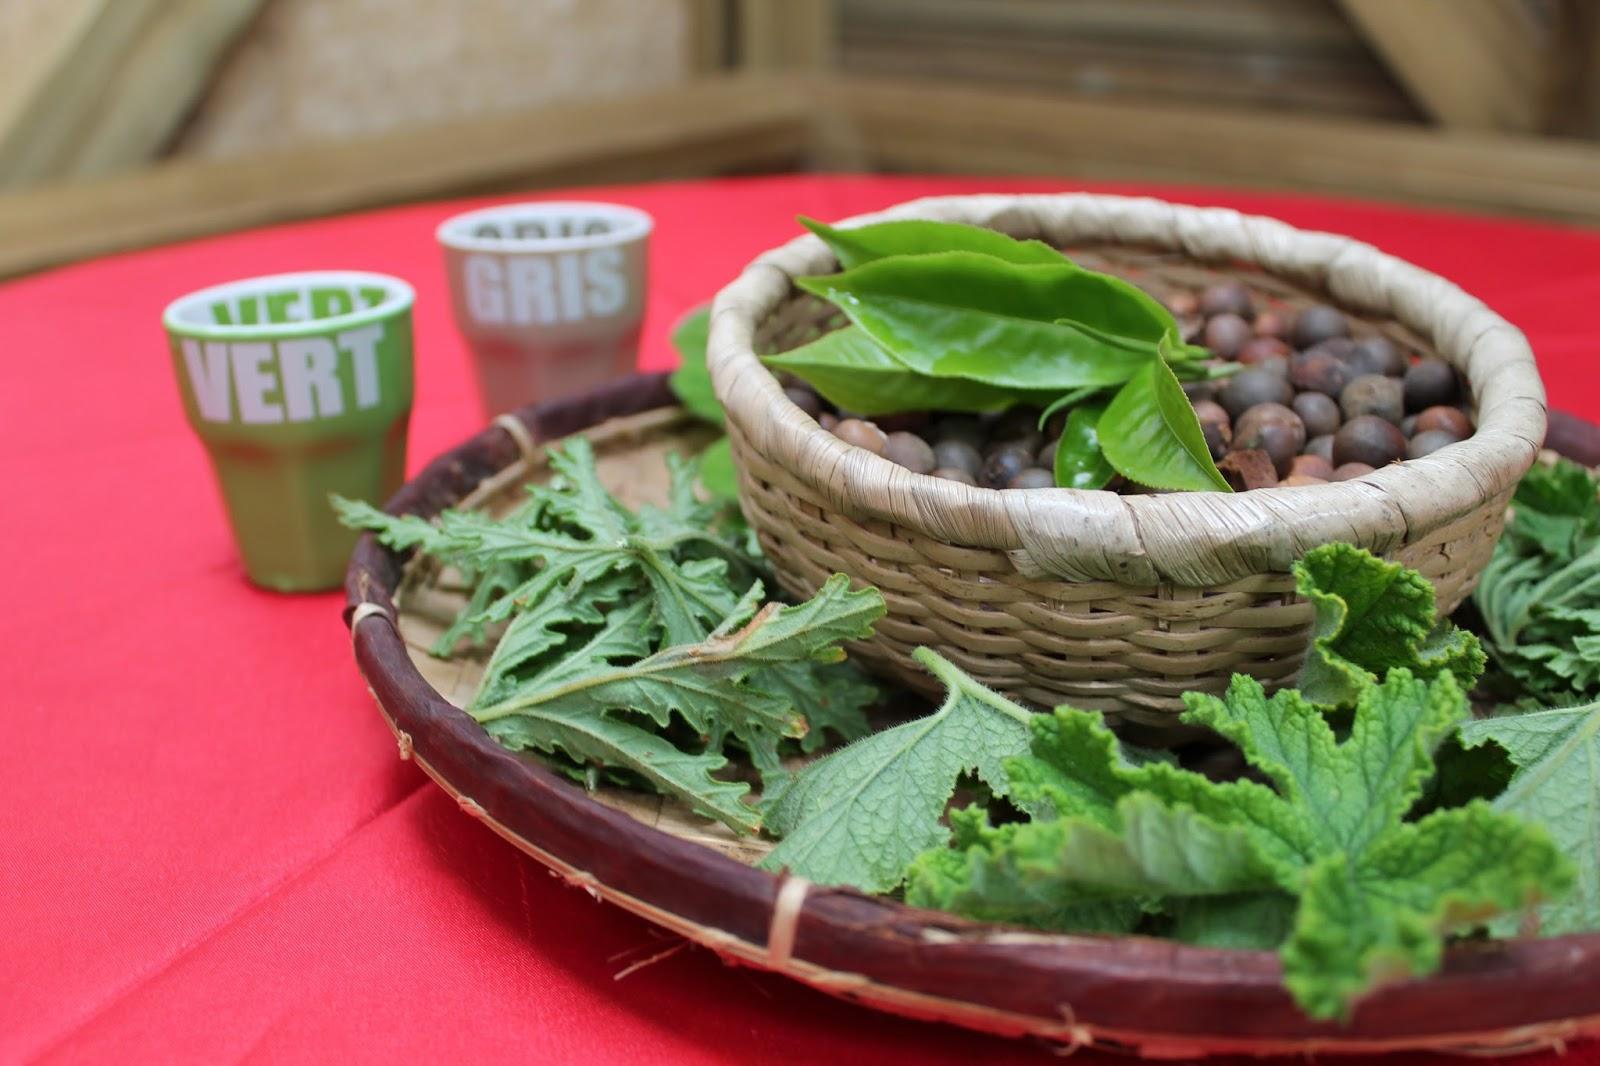 réunion île gotoreunion labyrinthe en champ thé tea grand coude visite à faire jumbocar irt tourisme 974 degustation thé blanc vert geranium rosat